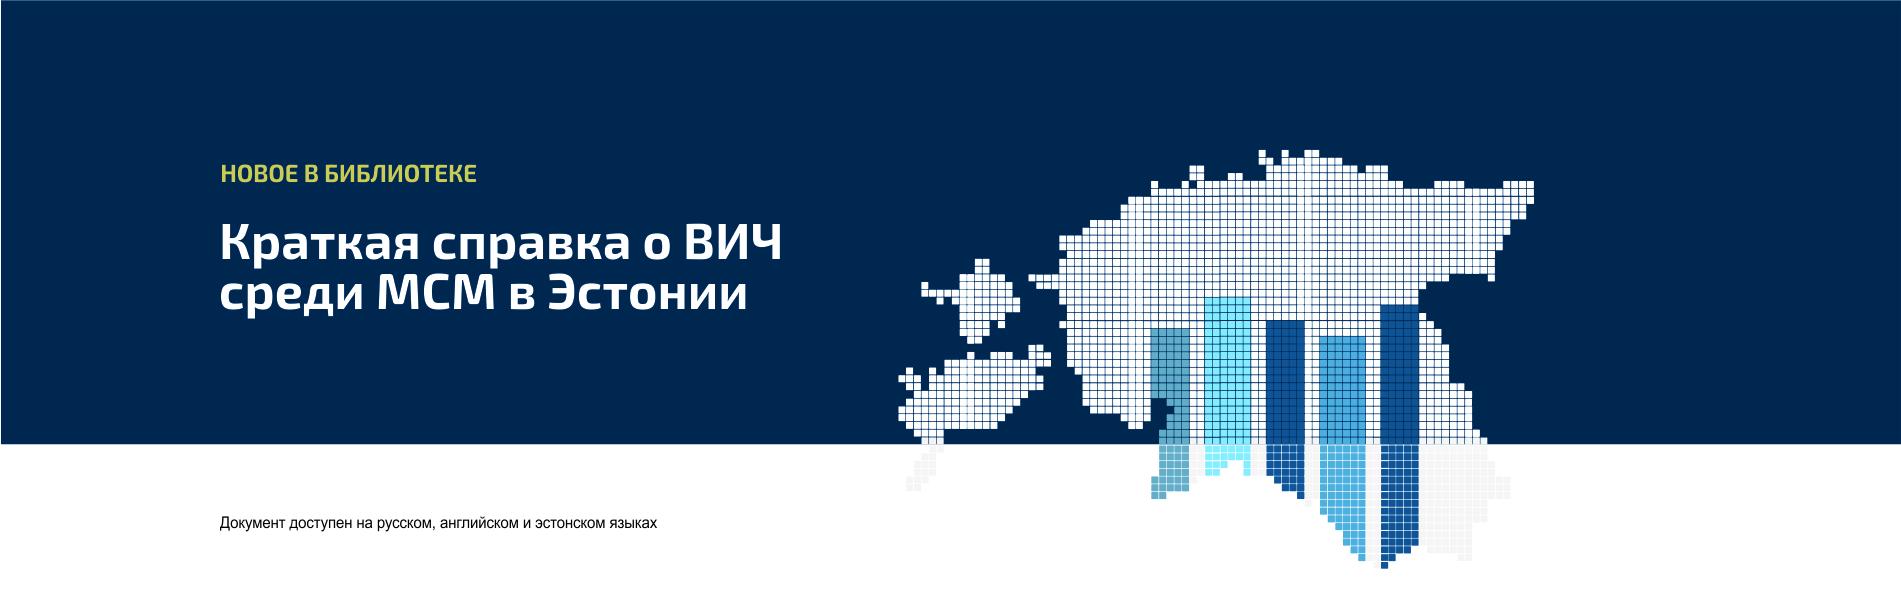 Документ отражает ситуацию с распространённостью ВИЧ среди геев и других мужчин, имеющих сексуальные отношения с мужчинами (МСМ) в Эстонии.